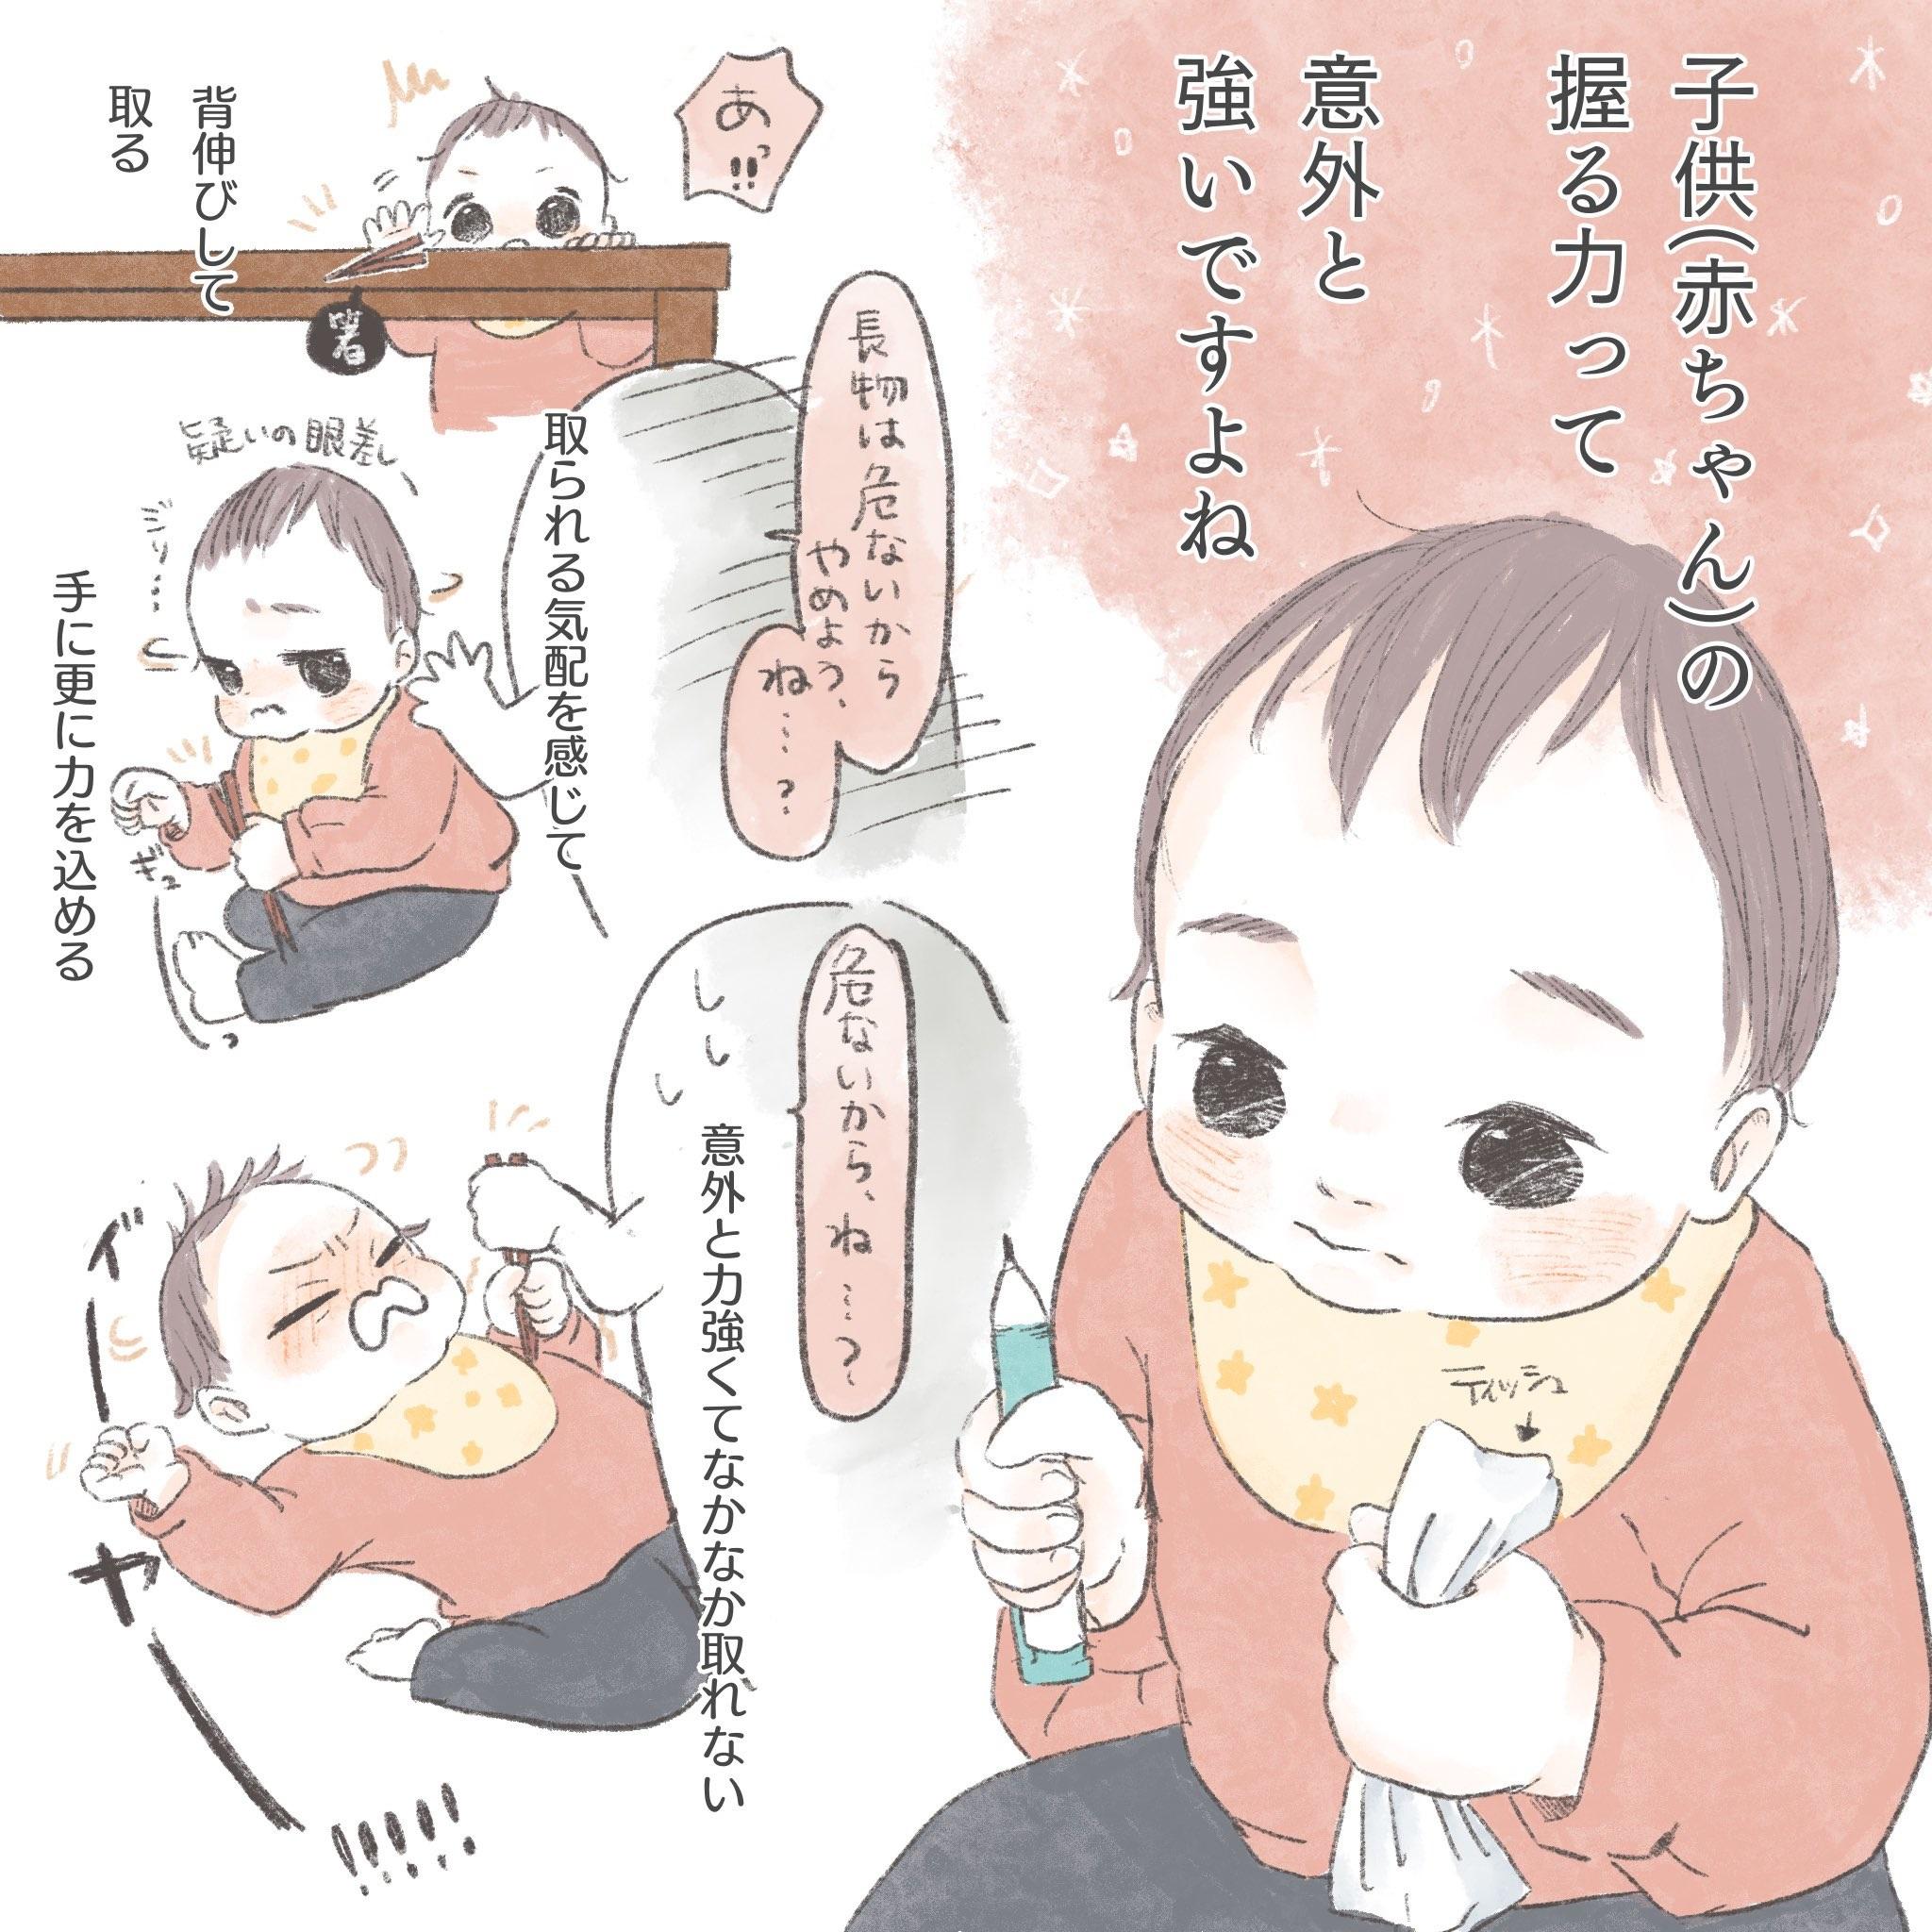 漫画のワンシーン【画像提供:めー(@U6v6b)さん】